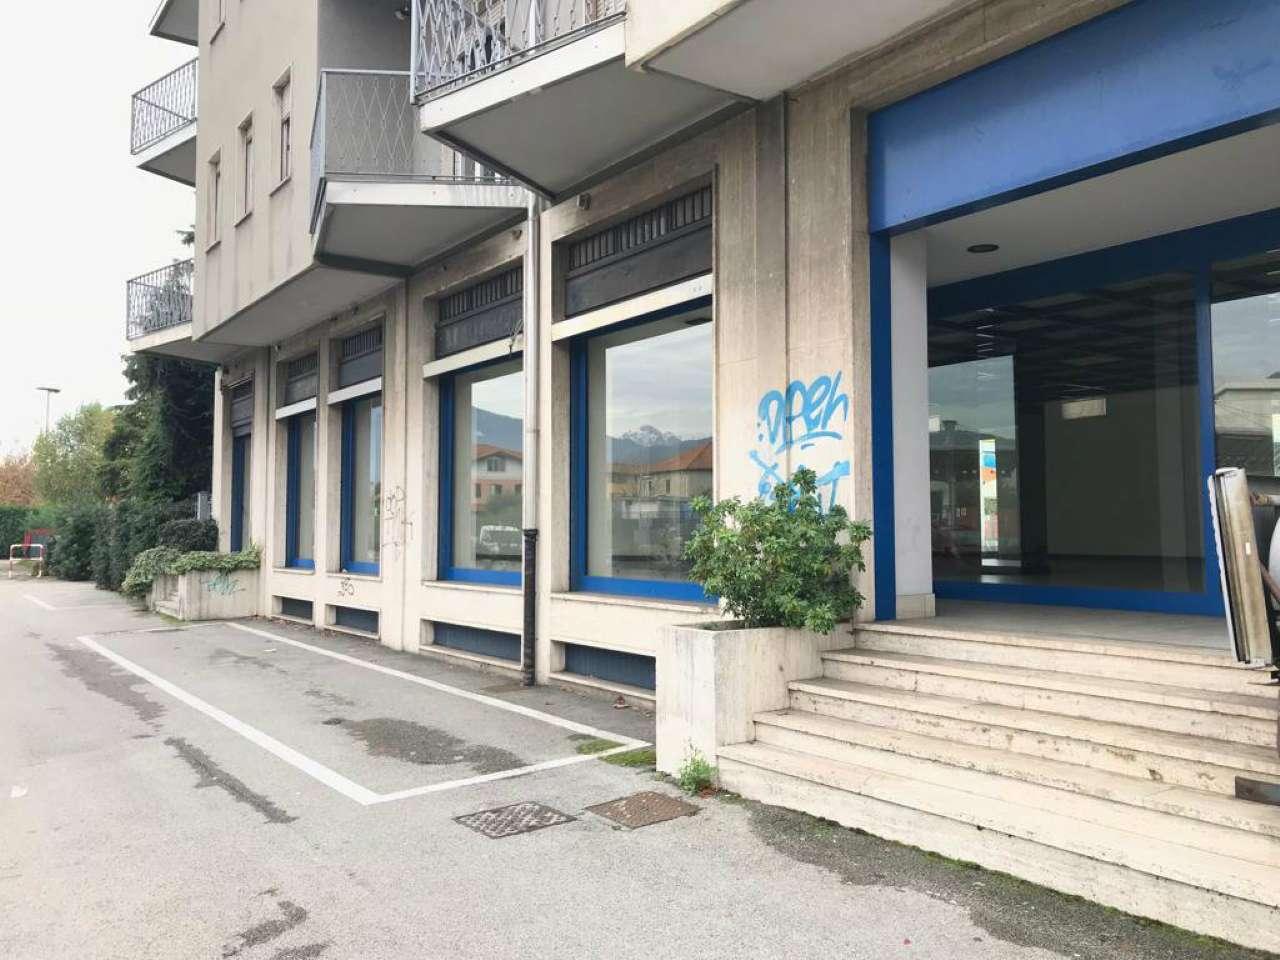 Negozio / Locale in affitto a Erba, 3 locali, prezzo € 5.000 | CambioCasa.it